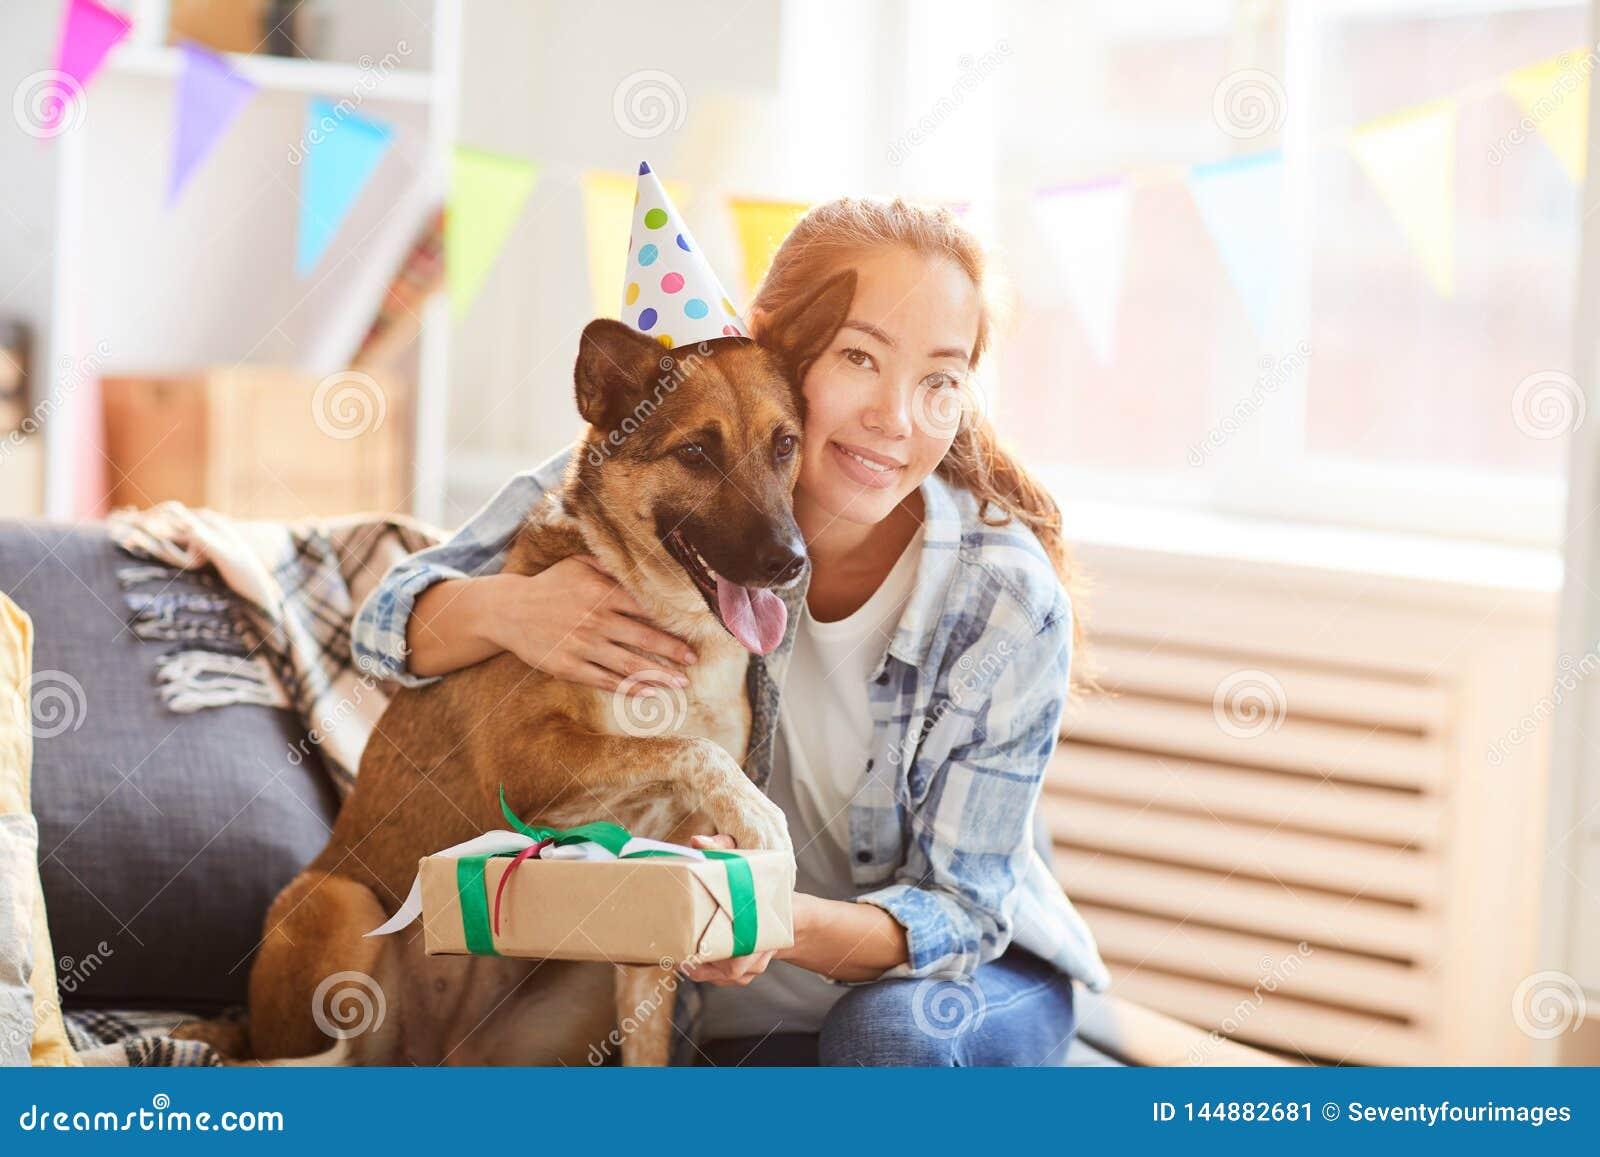 Celebrating Dog Birthday